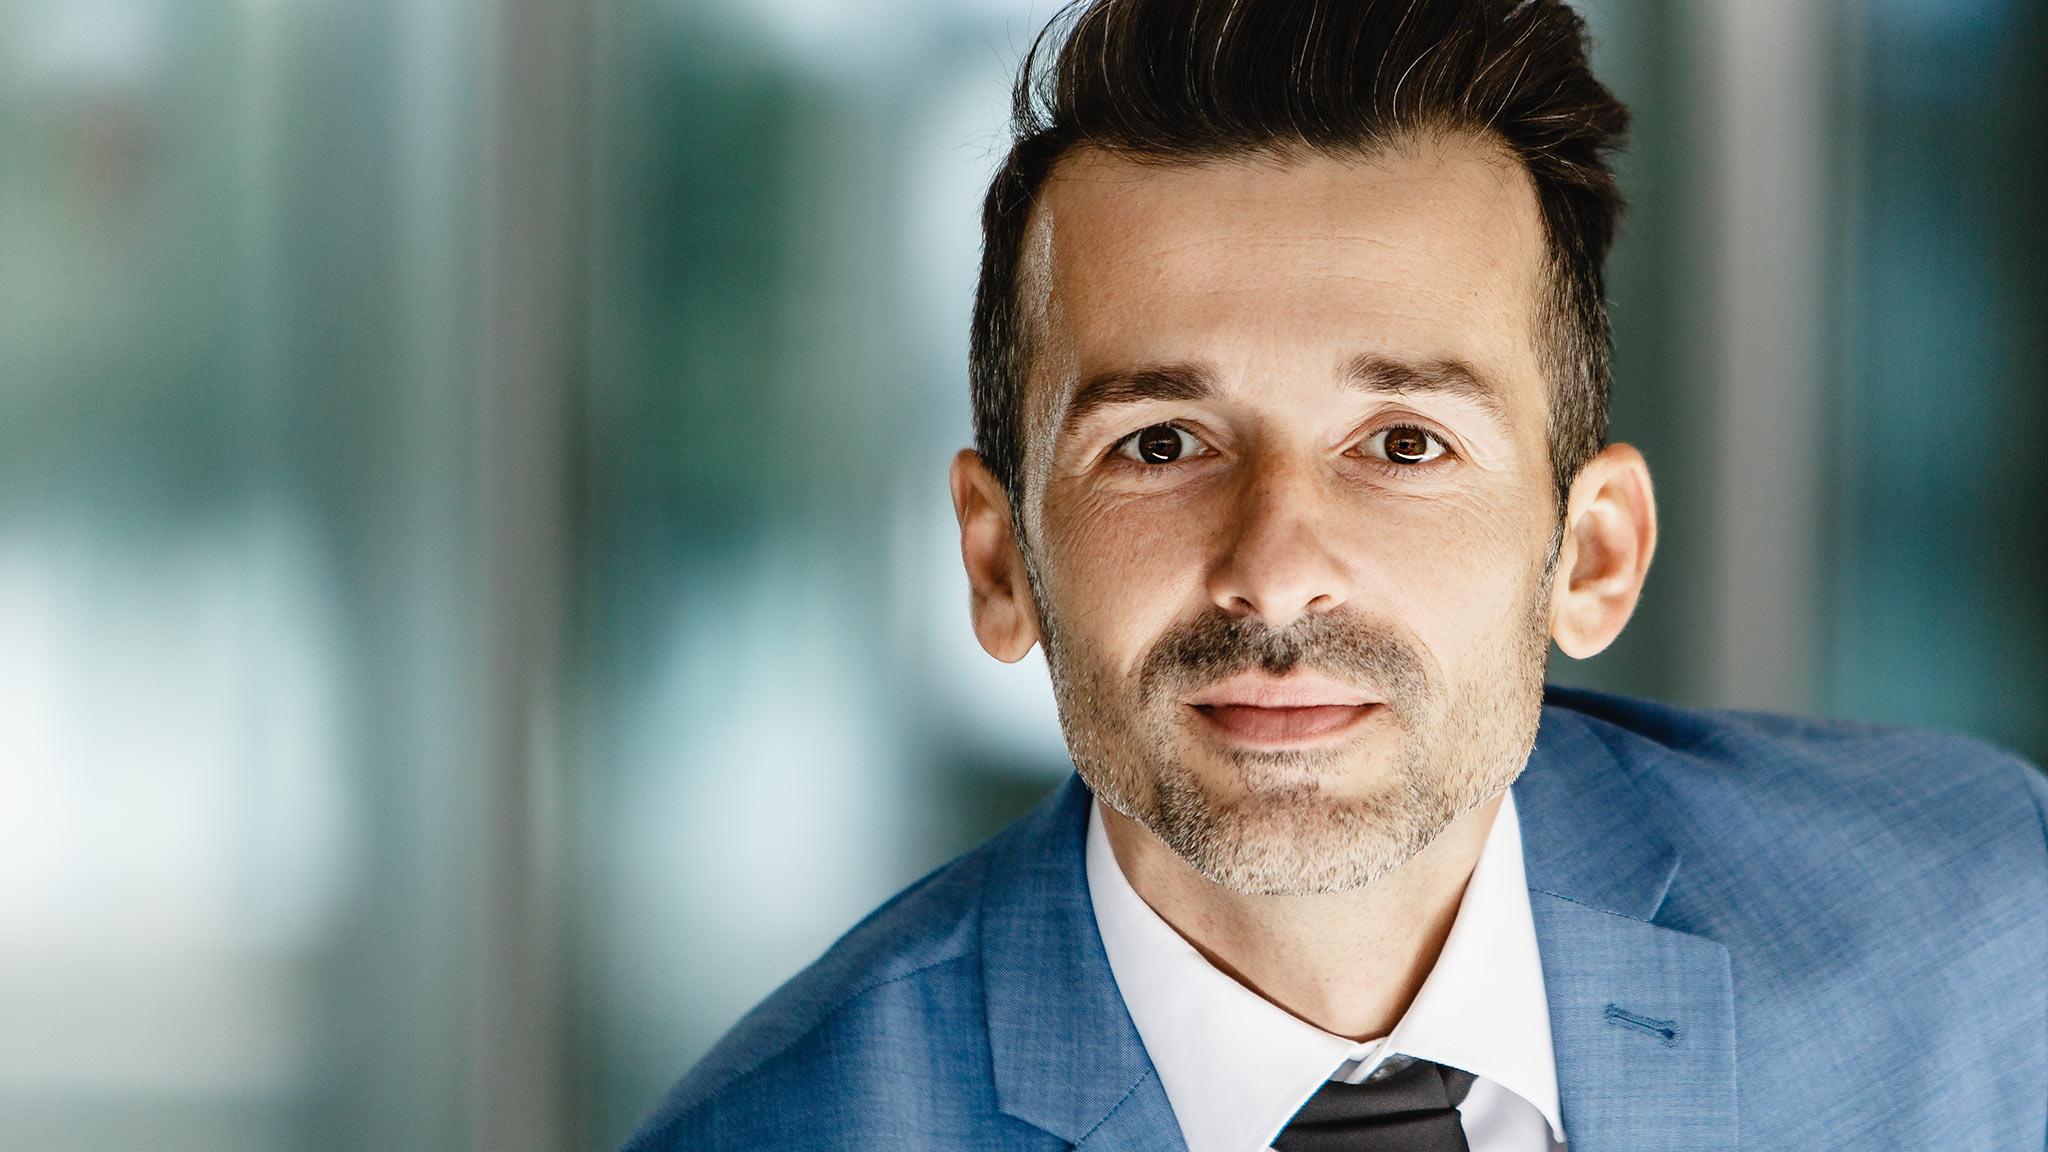 Markus Schneeberger Businessfotografie - headshot davor 1 - Headshotportrait